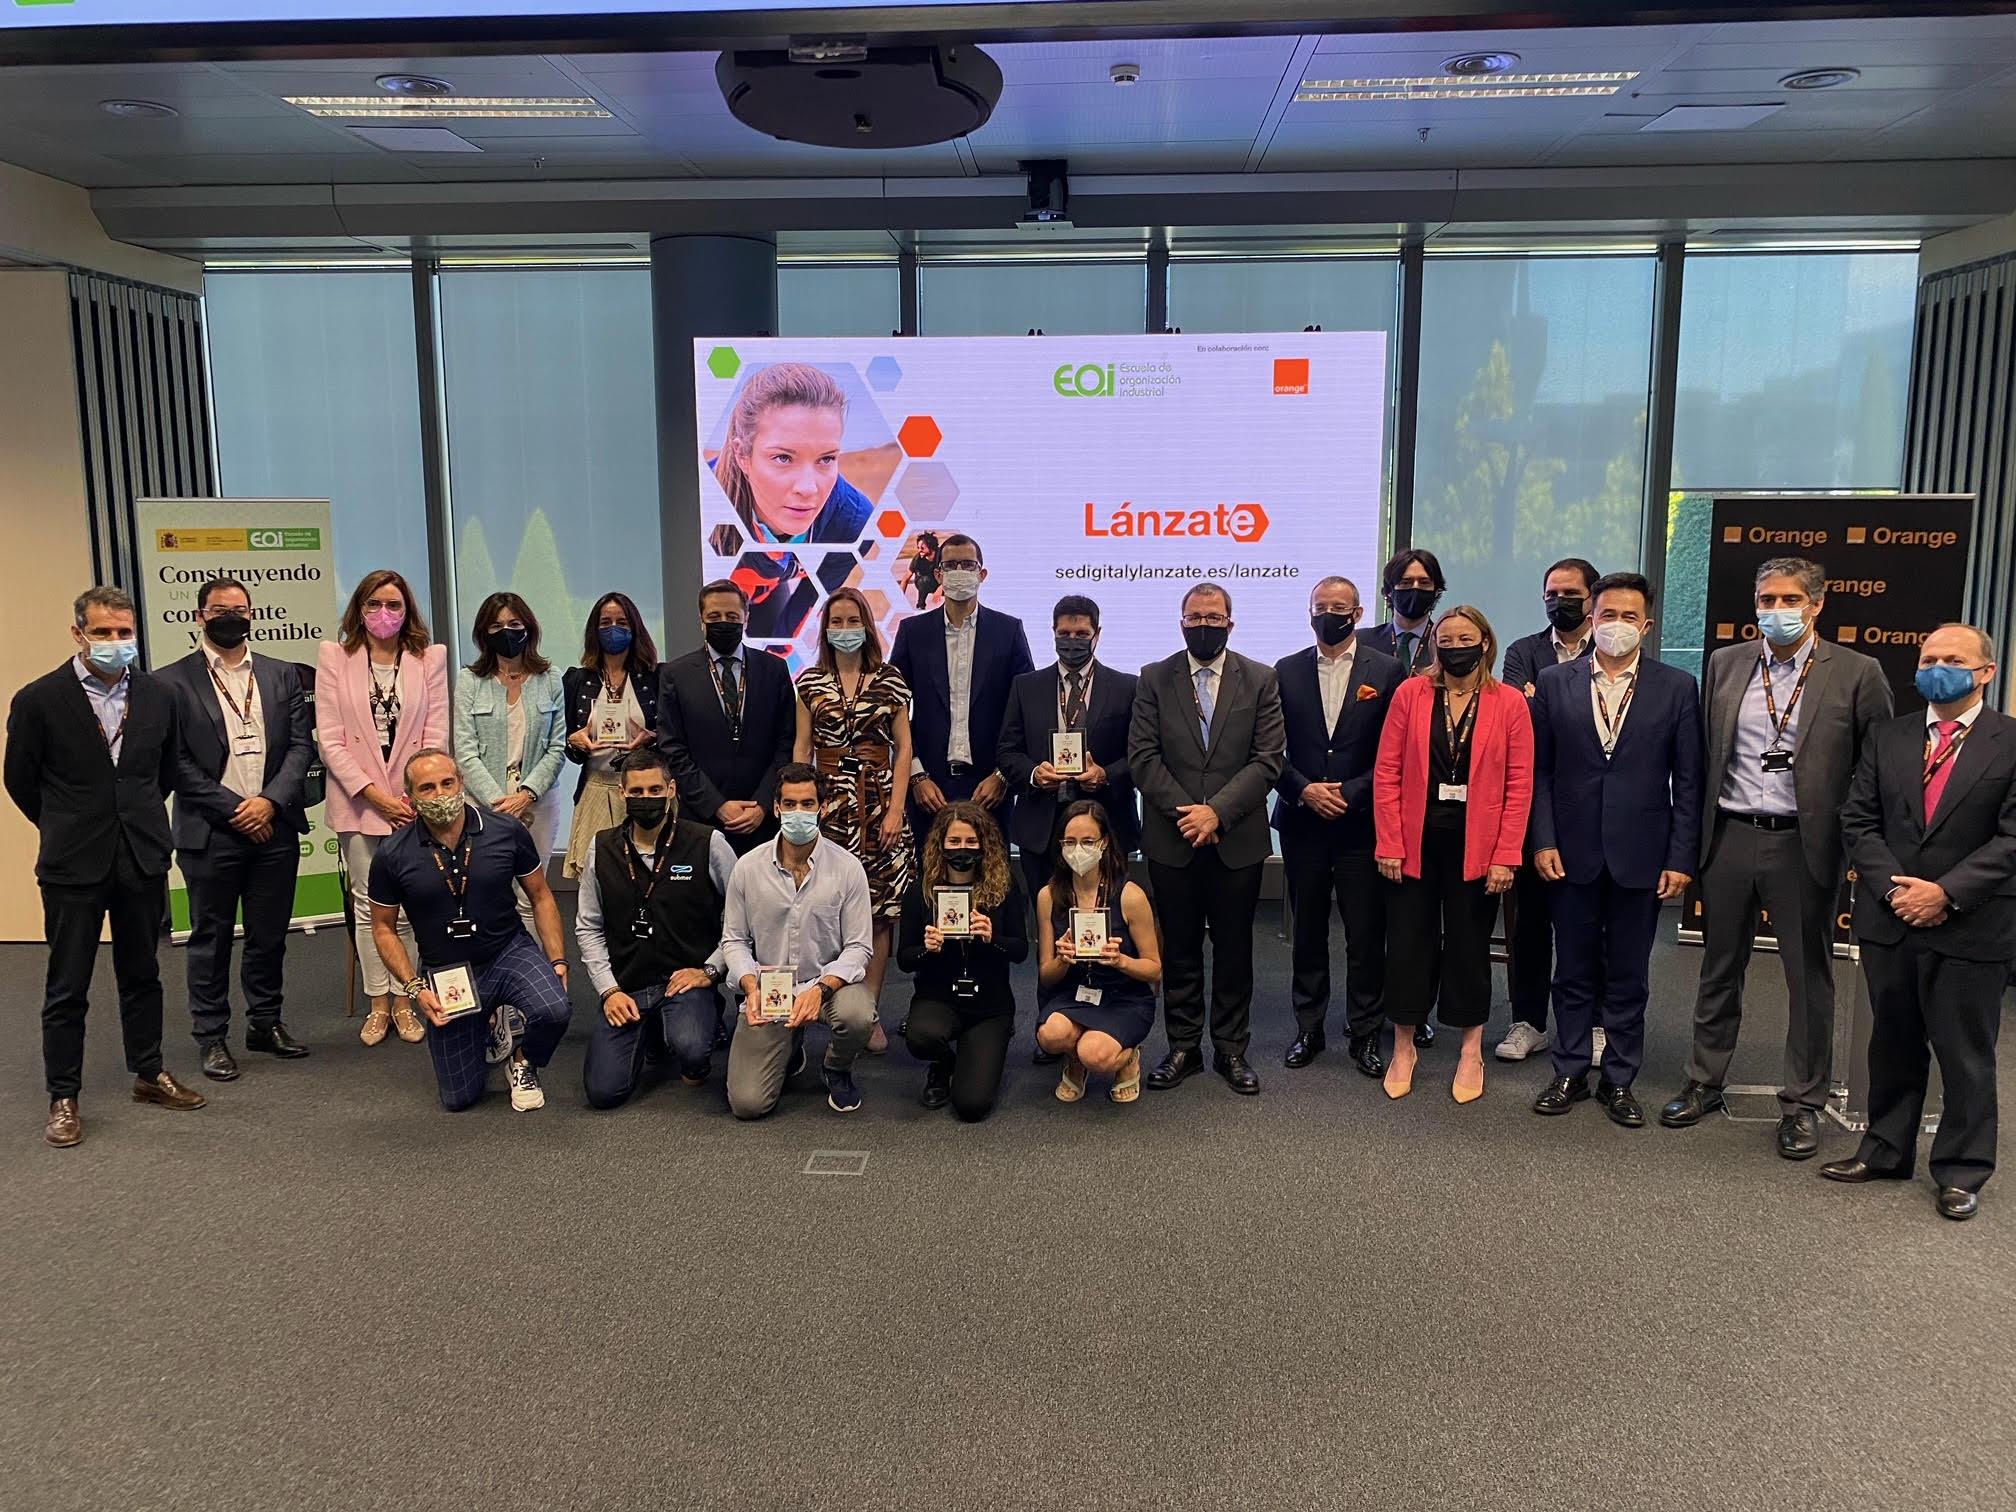 """EOI y Orange presentan la IV edición del Programa """"Lánzate"""" que conecta a emprendedores y grandes empresas"""